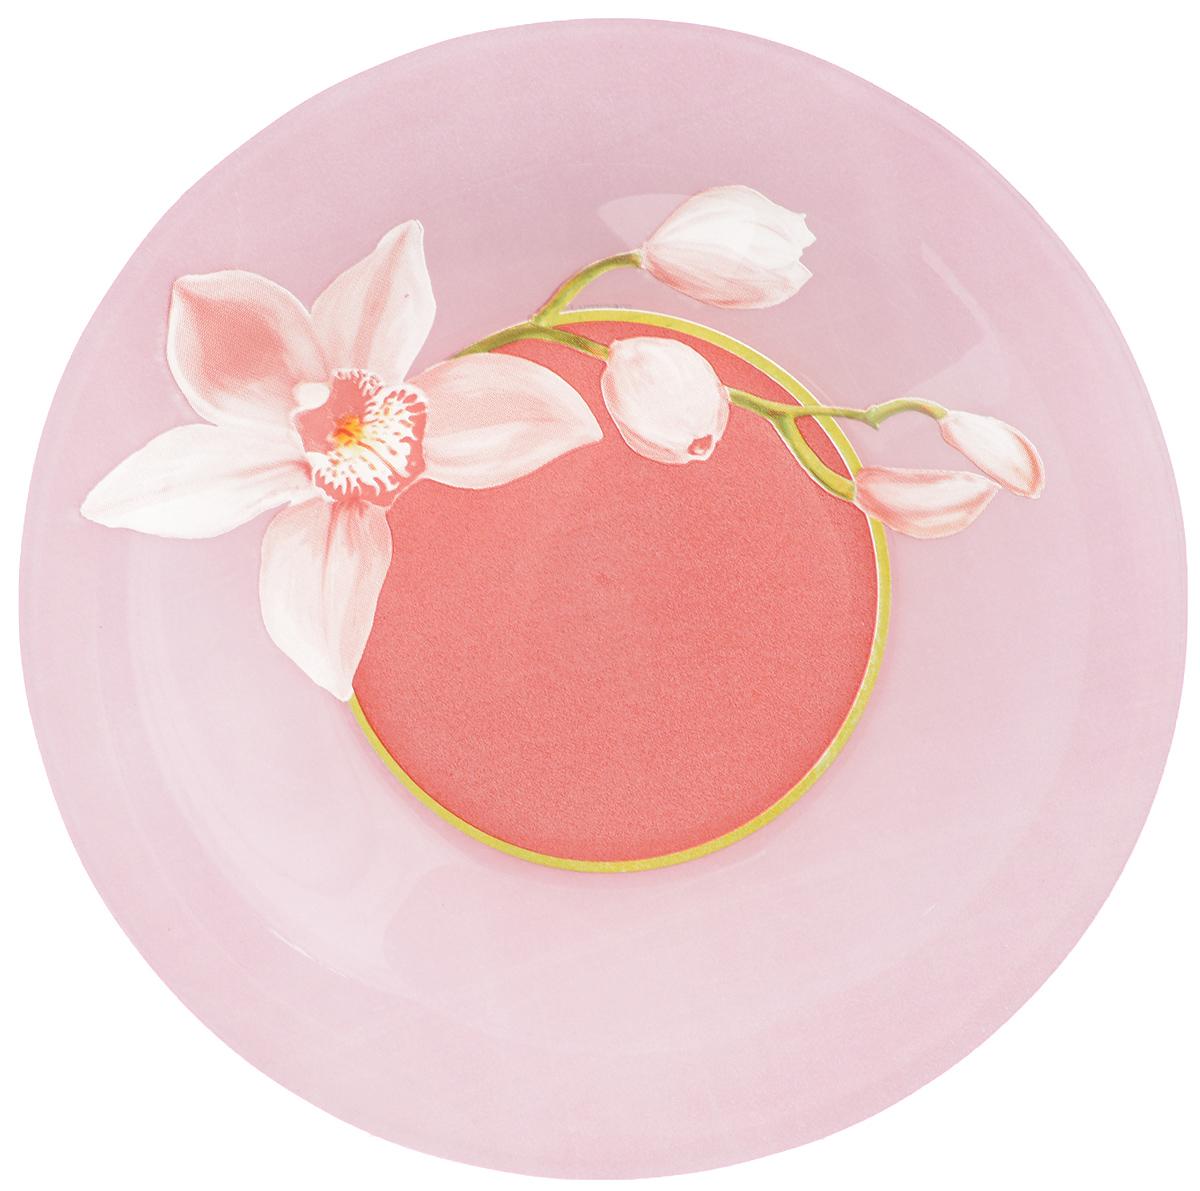 Тарелка глубокая Luminarc Red Orchis, диаметр 21,5 cм54 009312Глубокая тарелка Luminarc Red orchis выполнена из ударопрочного стекла и имеет классическую круглую форму. Тарелка оформлена в цветочном дизайне с изображением орхидей. Она прекрасно впишется в интерьер вашей кухни и станет достойным дополнением к кухонному инвентарю. Тарелка Luminarc Red Orchis не только украсит ваш праздничный или обеденный стол, но и станет отличным подарком. Диаметр тарелки (по верхнему краю): 21,5 см.